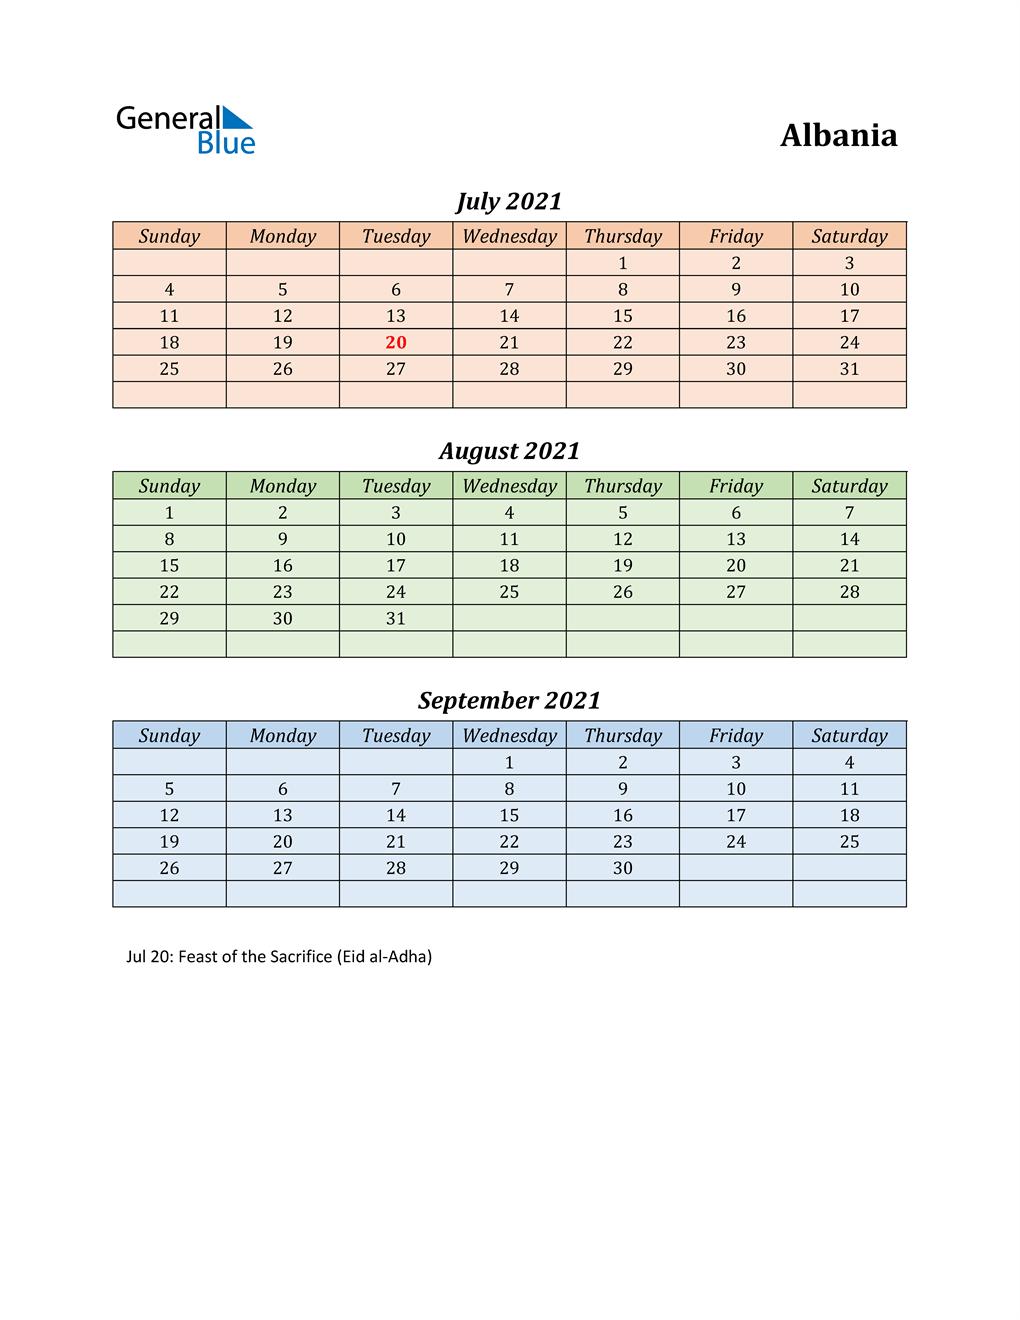 Q3 2021 Holiday Calendar - Albania